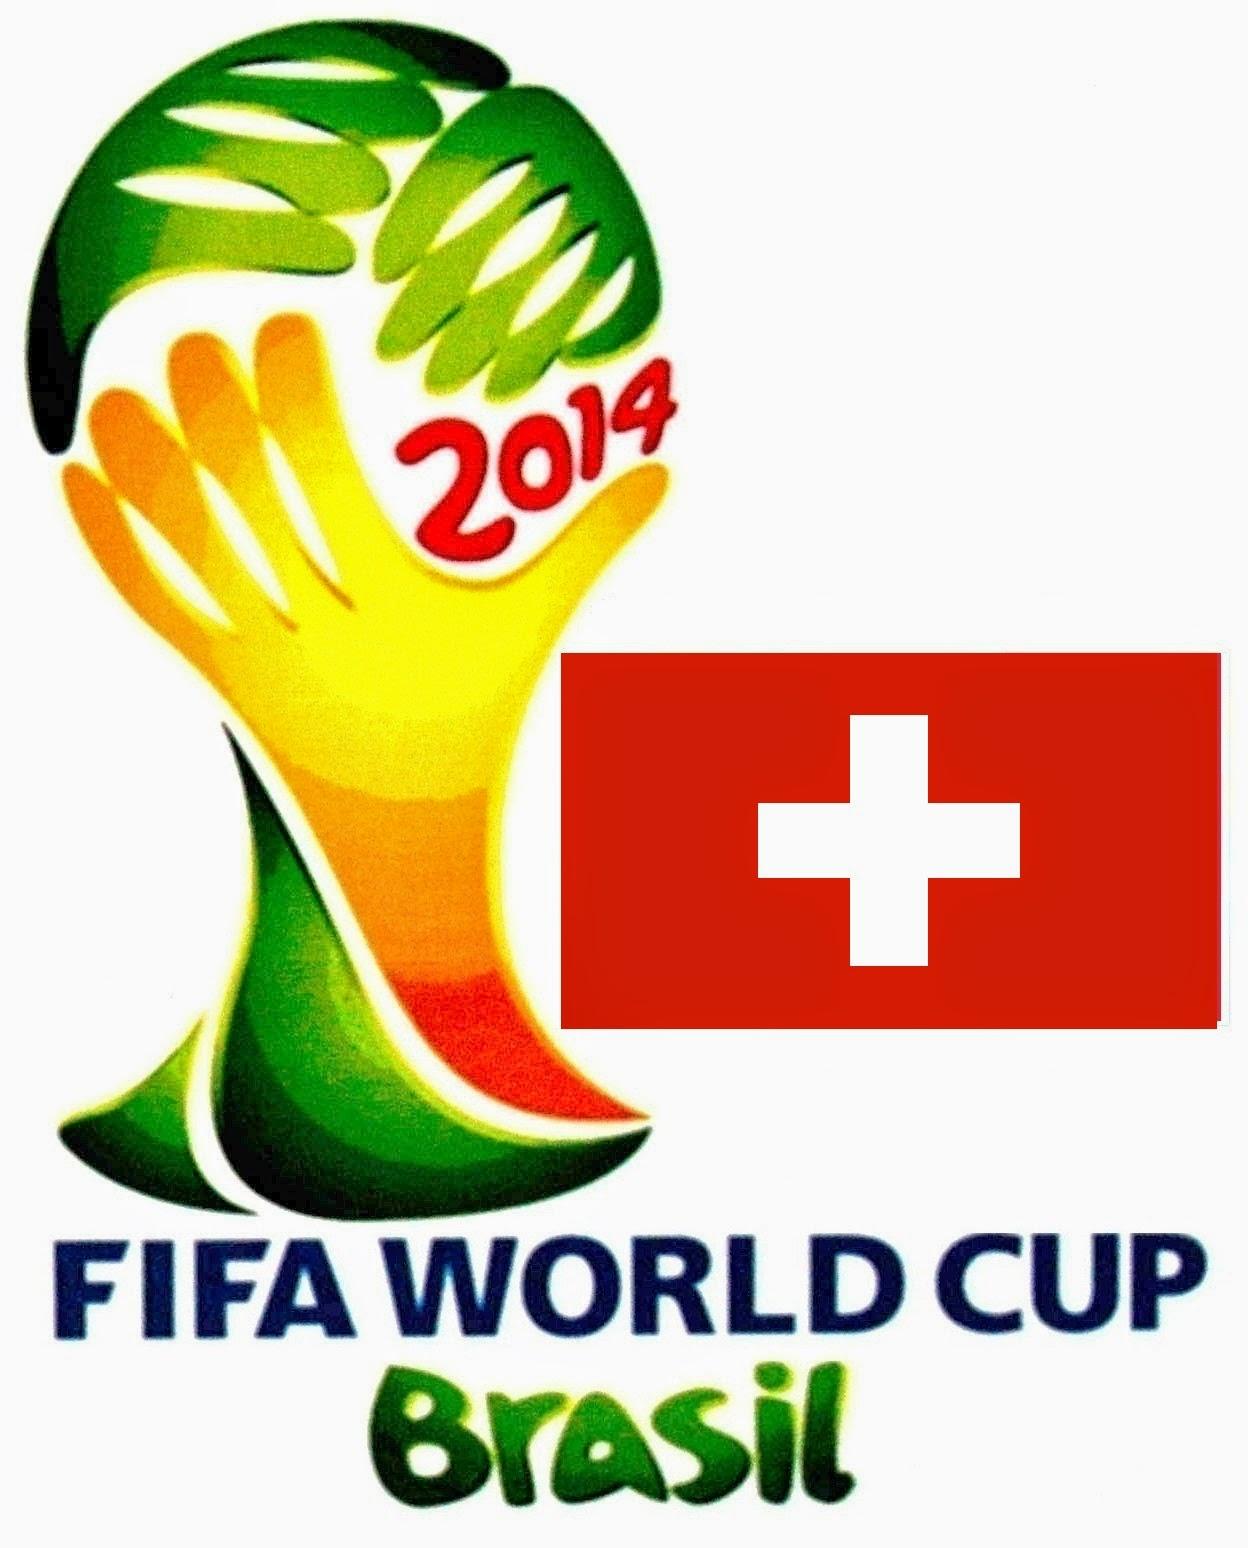 Daftar Nama Pemain Timnas Swiss Piala Dunia 2014